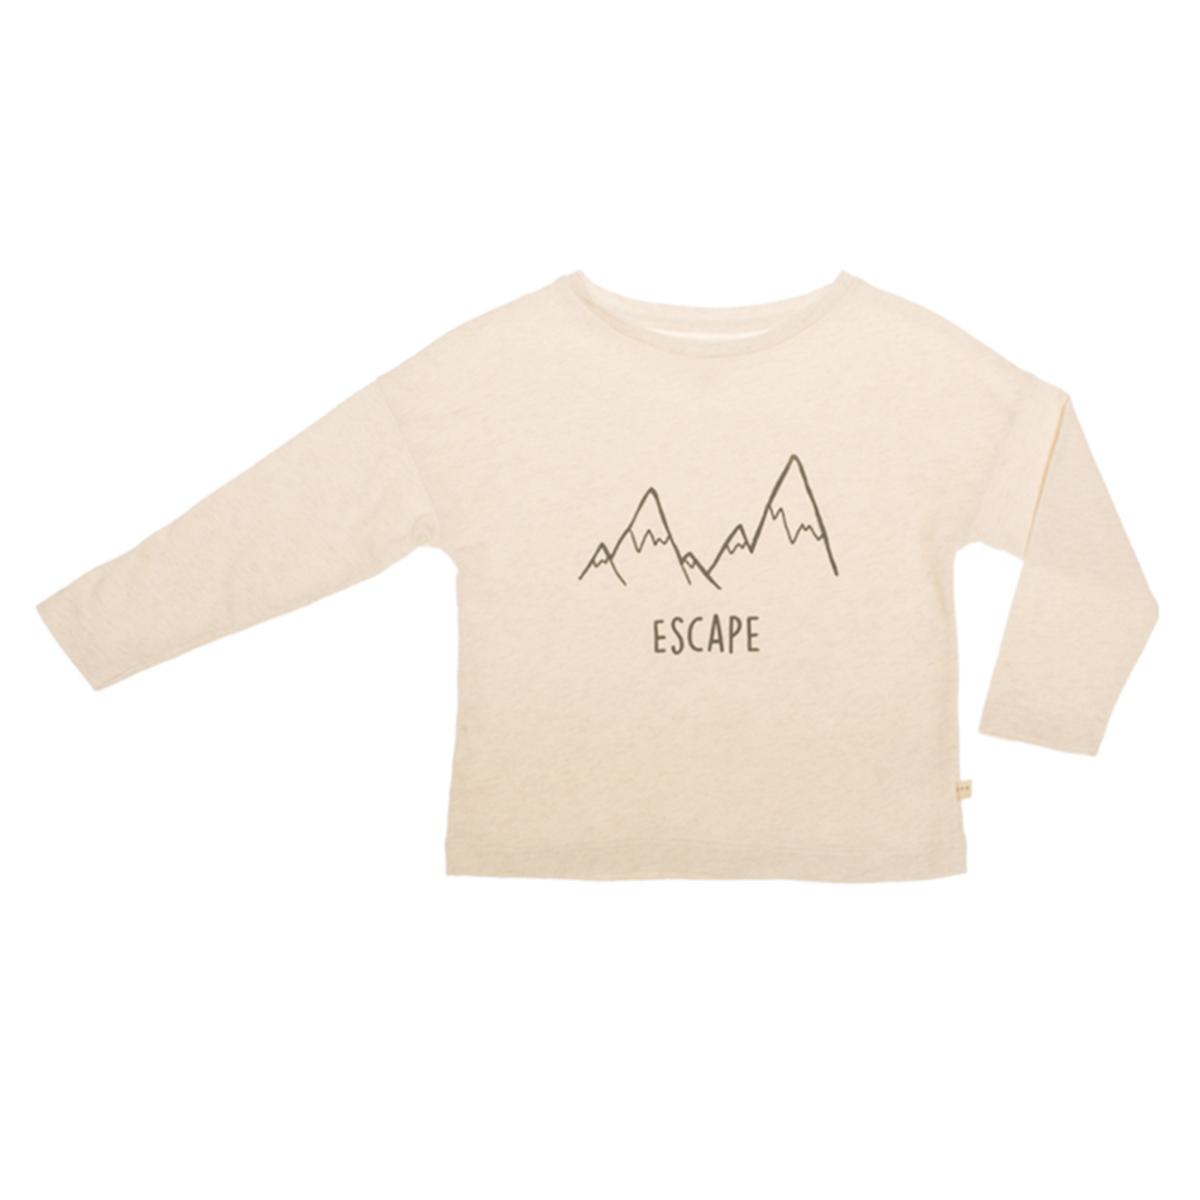 Haut bébé T-Shirt Manches Longues Escape Crème - 18 Mois Les Petites Choses - AR201905170018